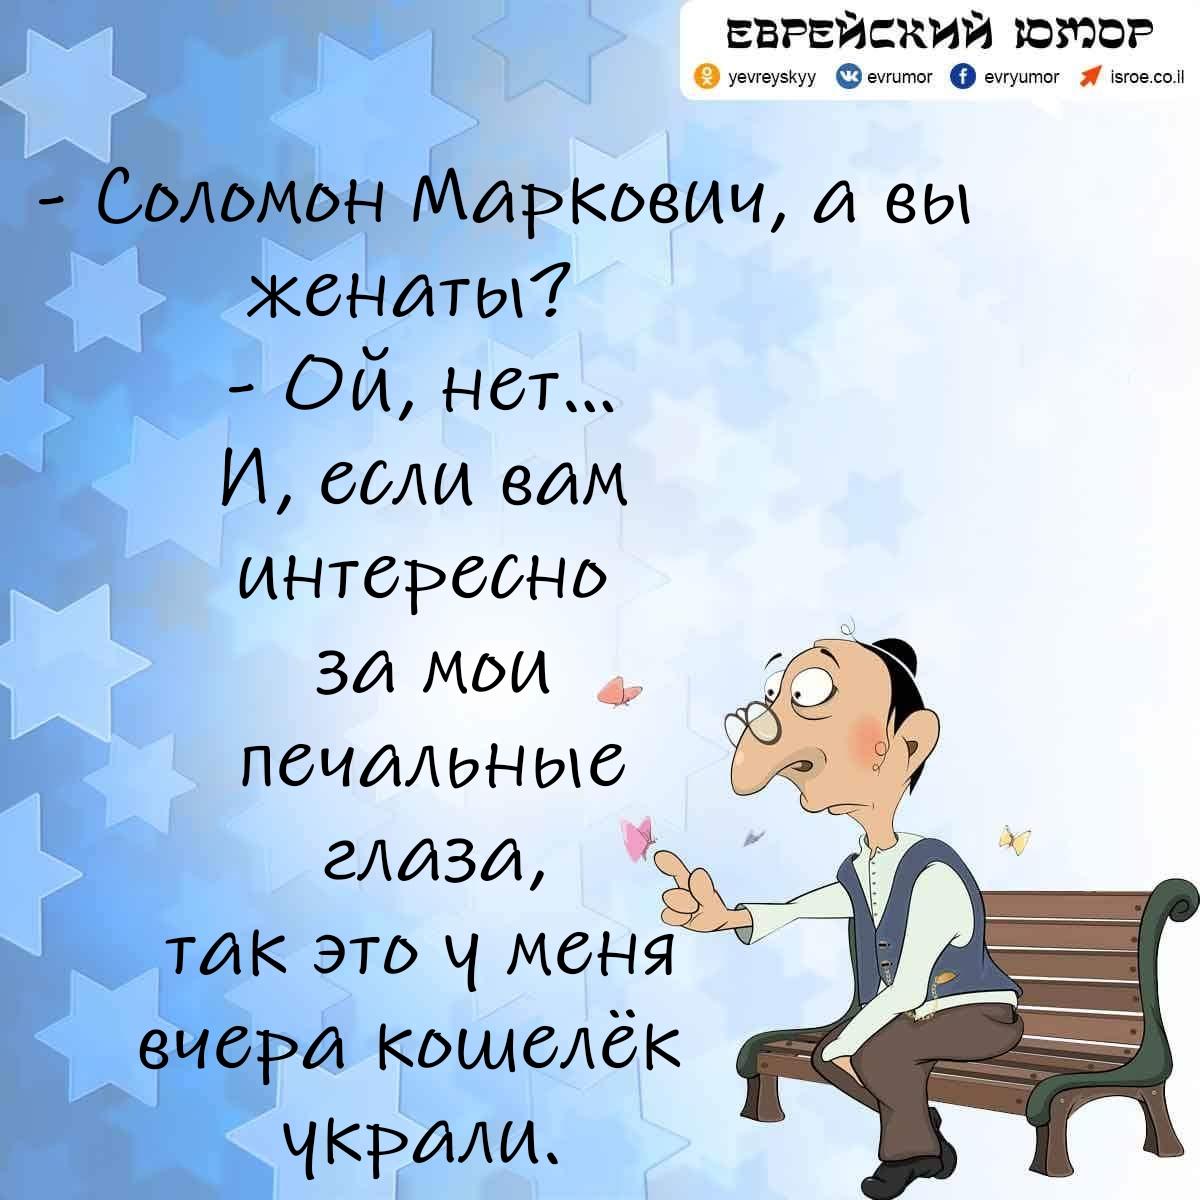 Еврейский юмор. Одесский анекдот. Соломон Маркович...